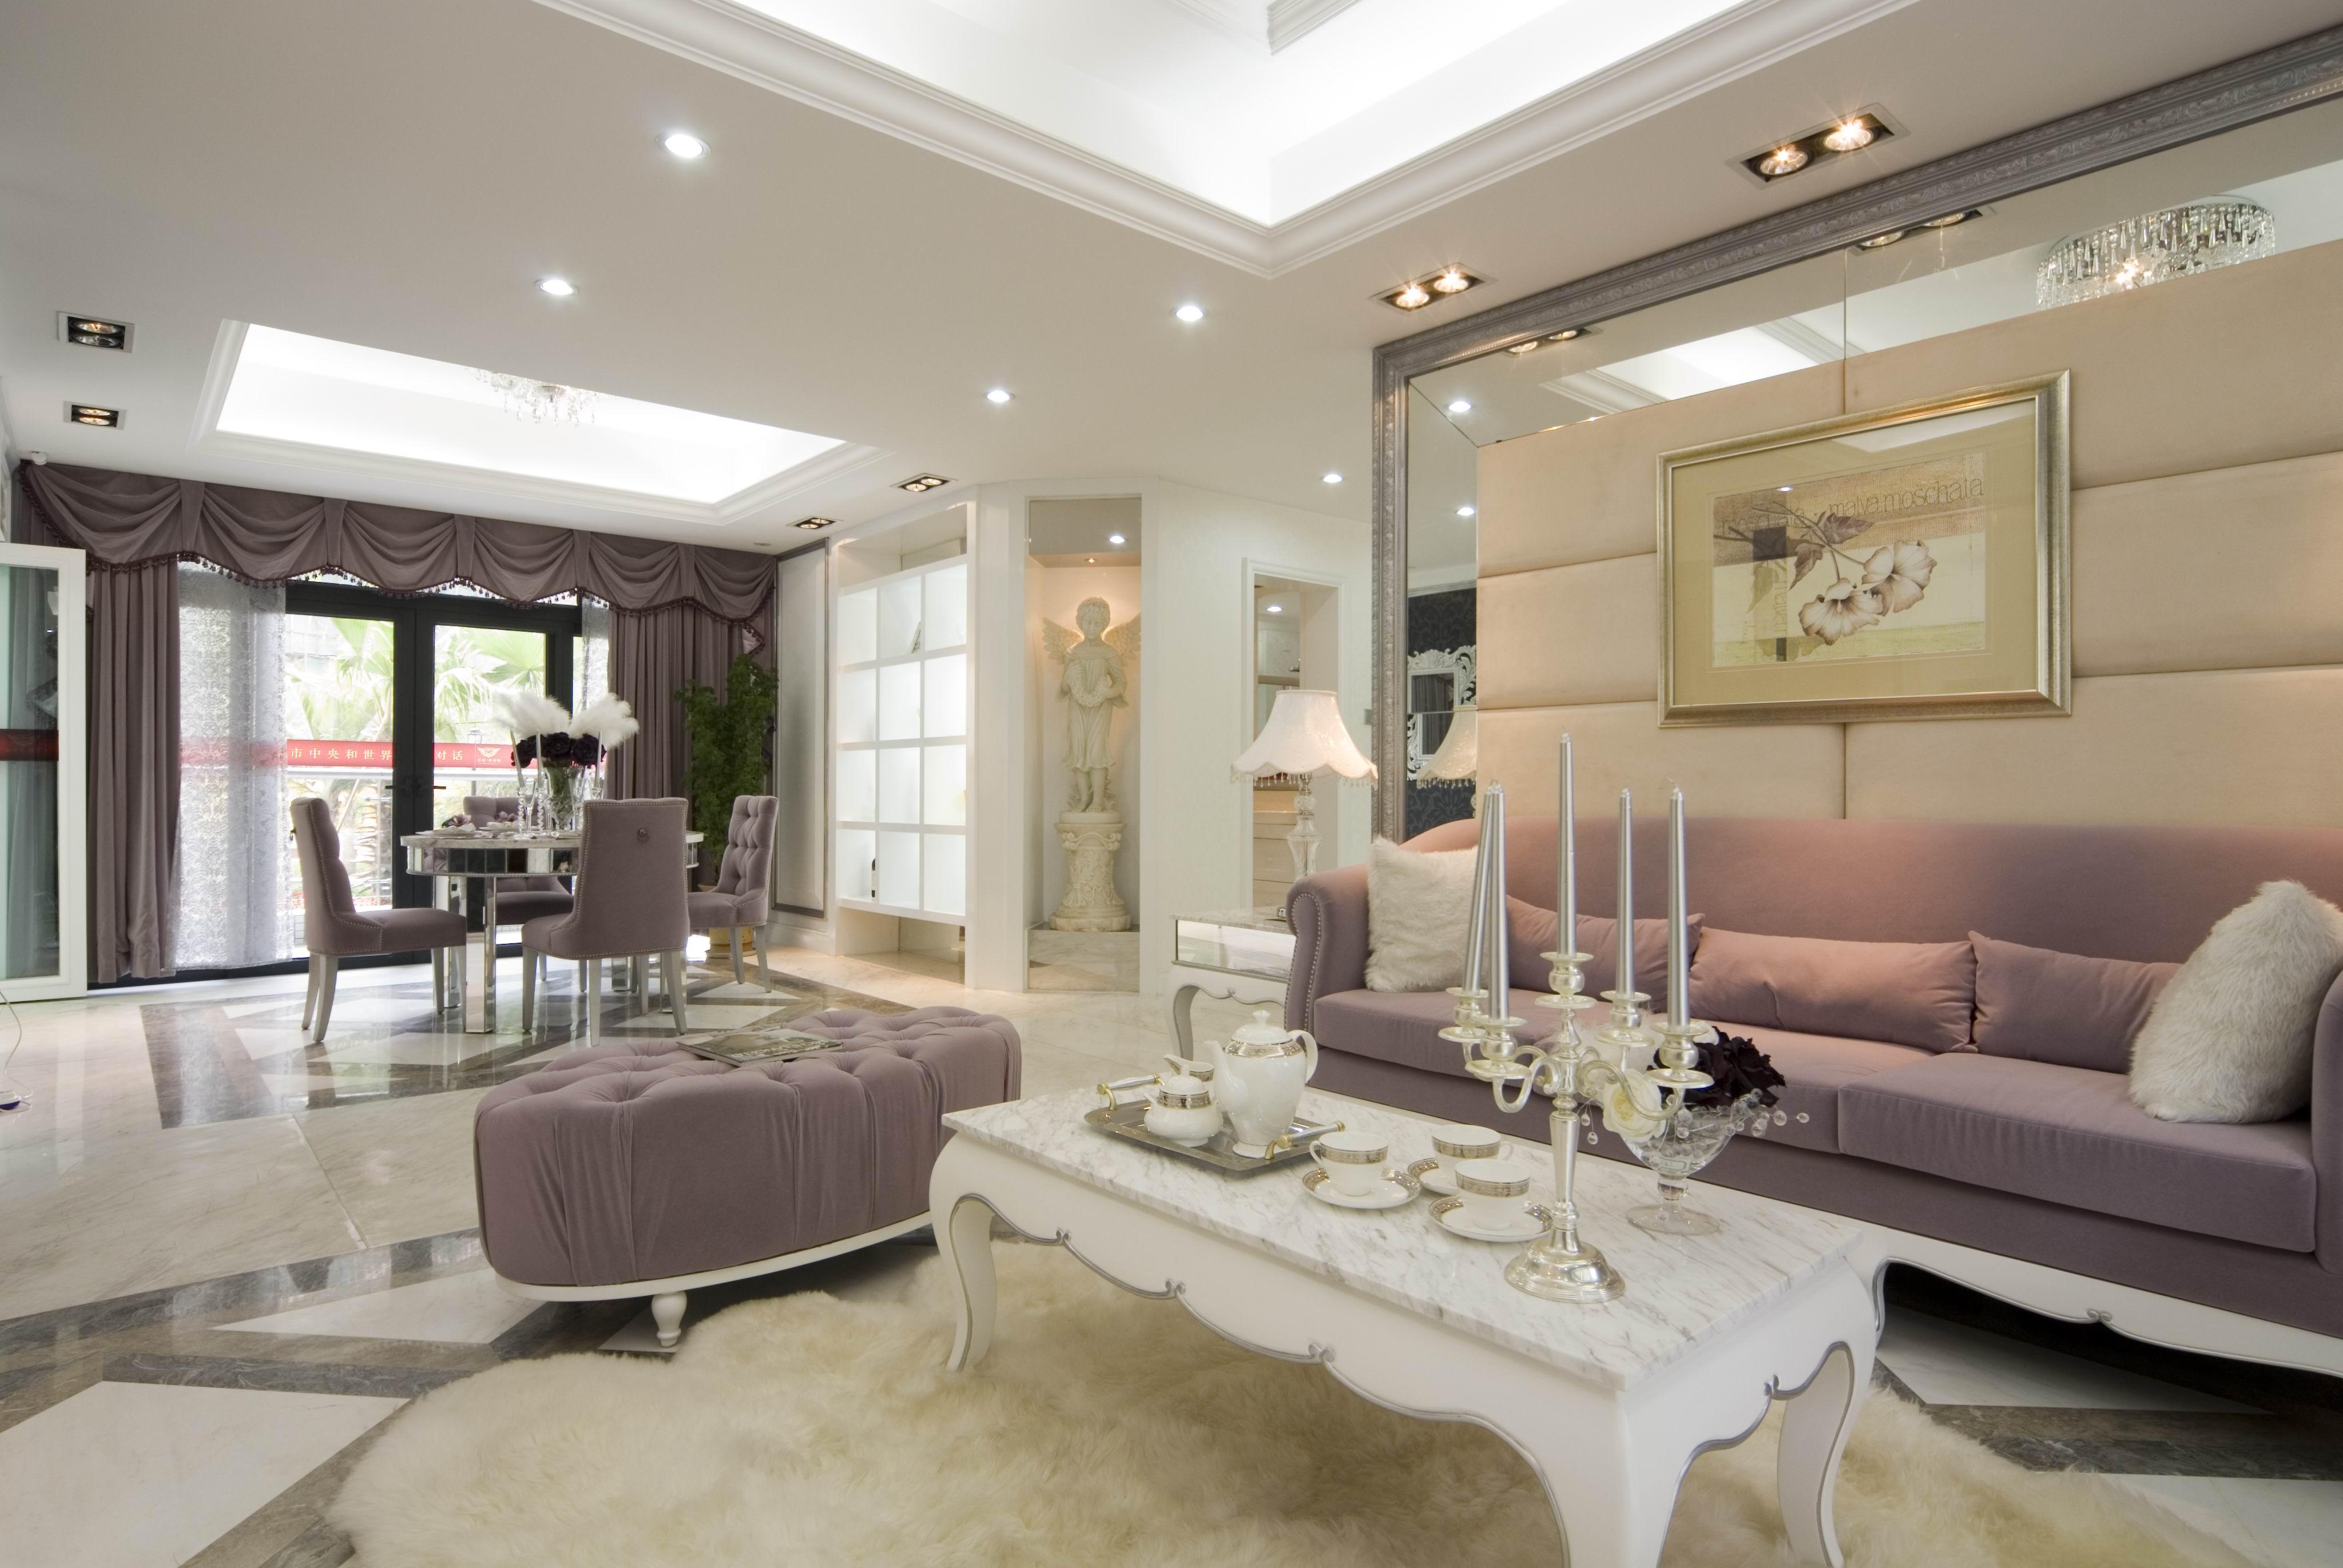 欧式风格四室两厅家庭客厅装修设计 - 装修效果图图片